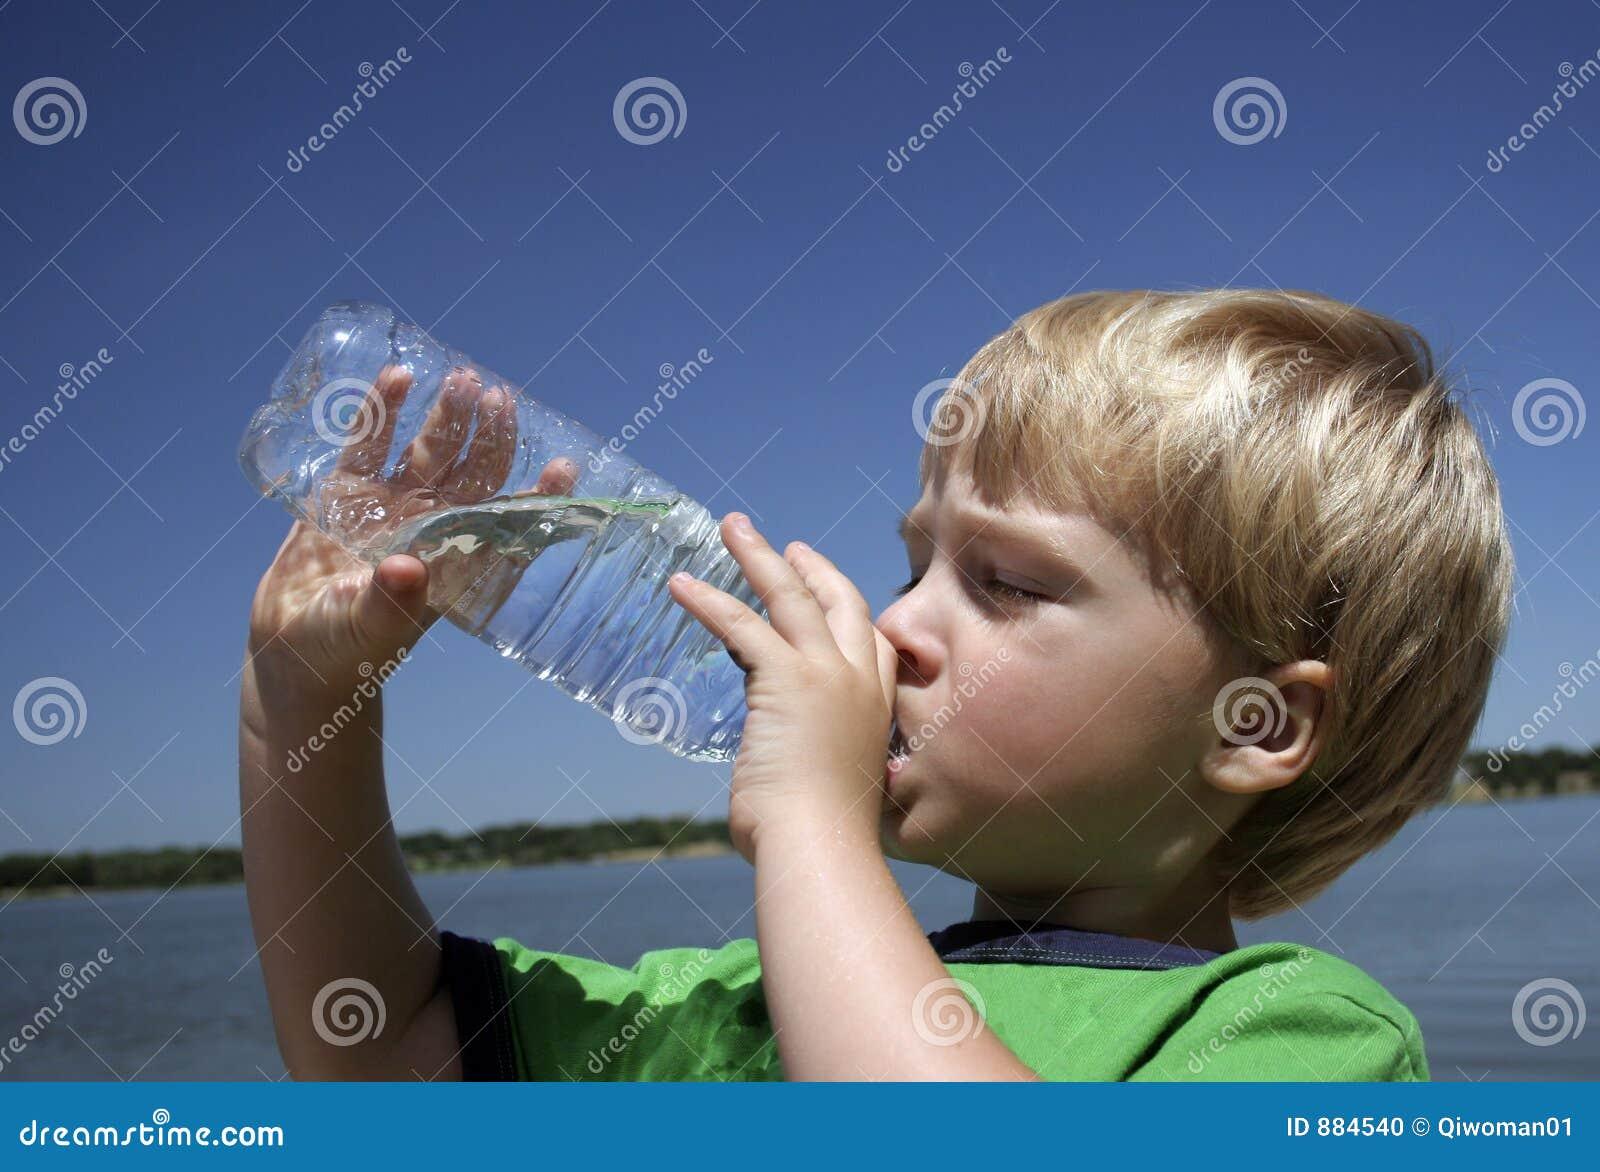 Butelkowana woda pitna chłopca